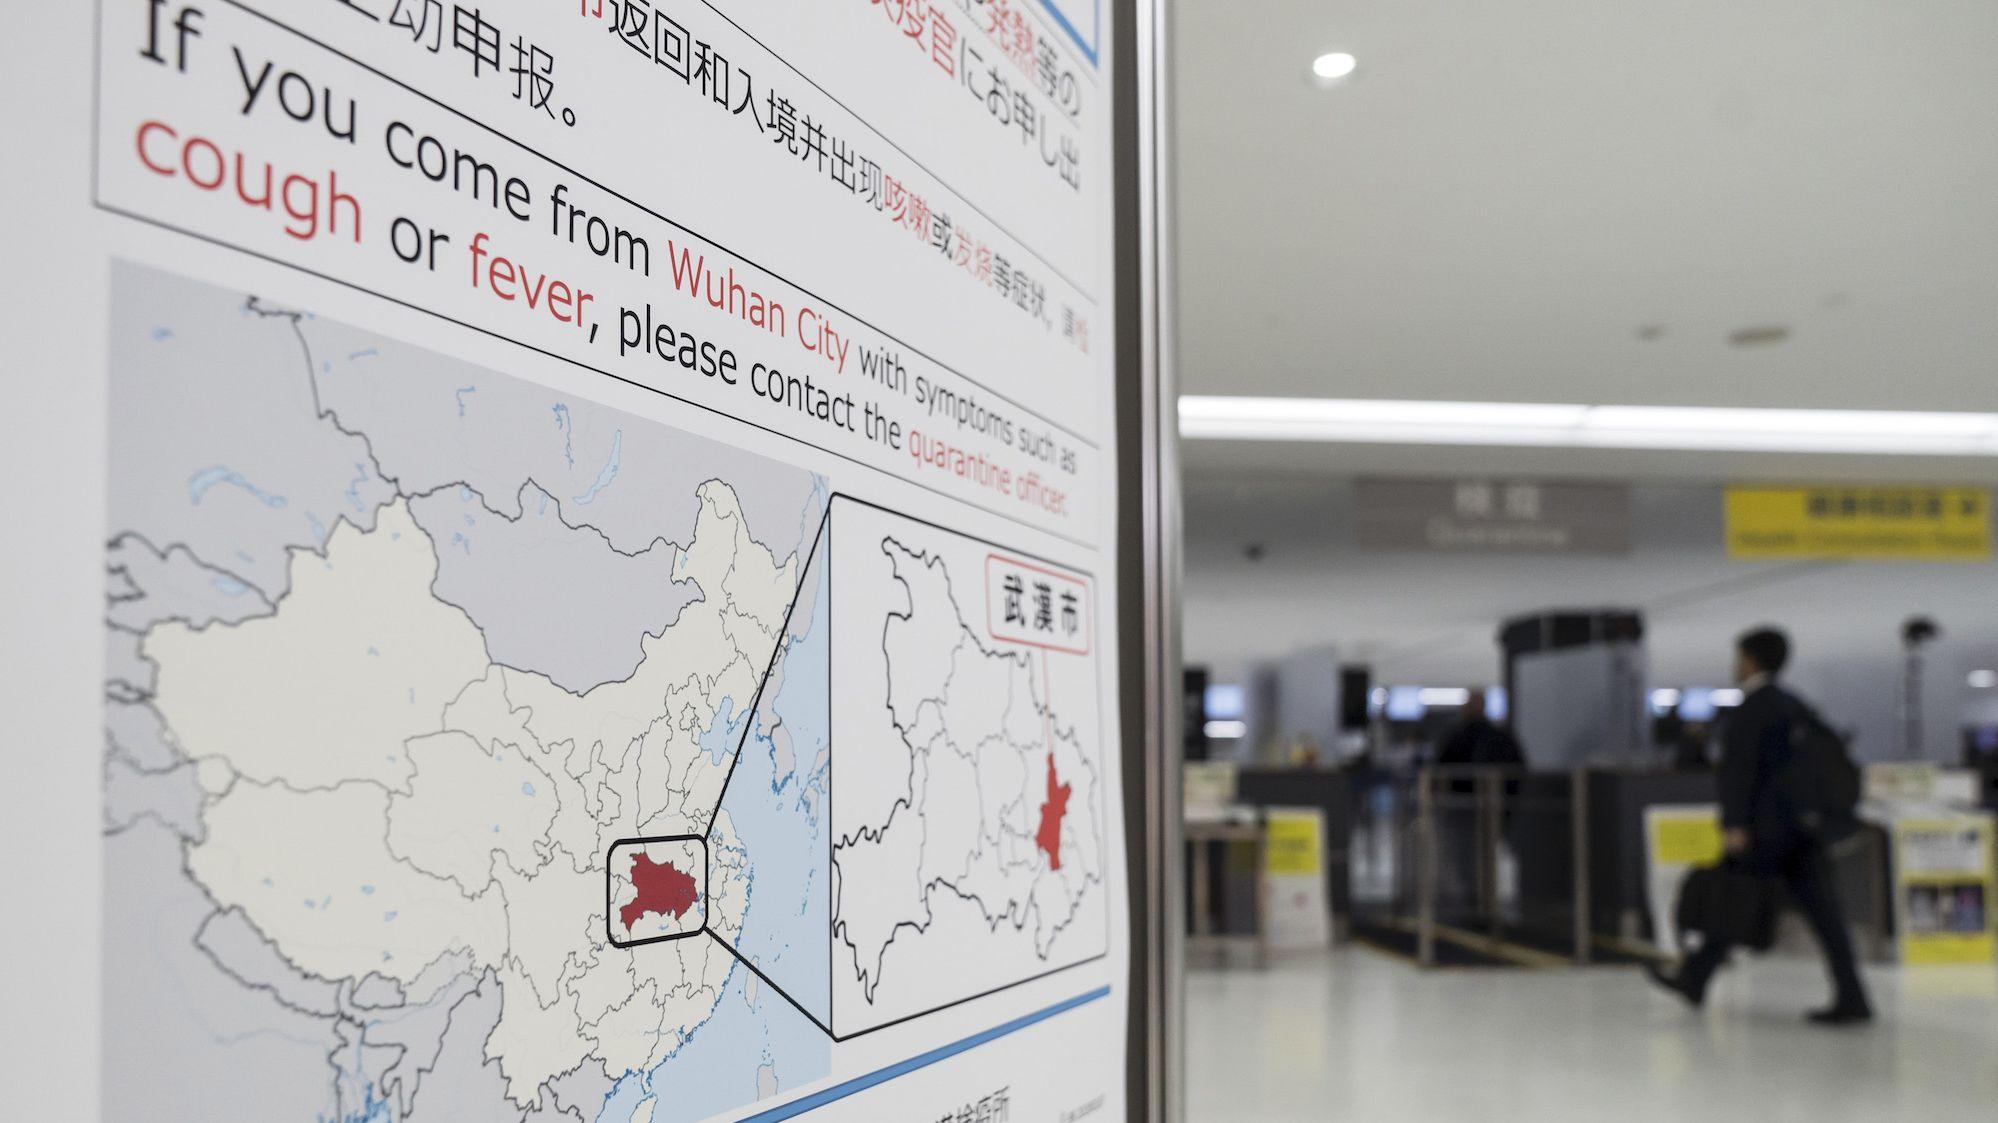 武漢市のロックダウン、新型コロナの感染拡大を減速